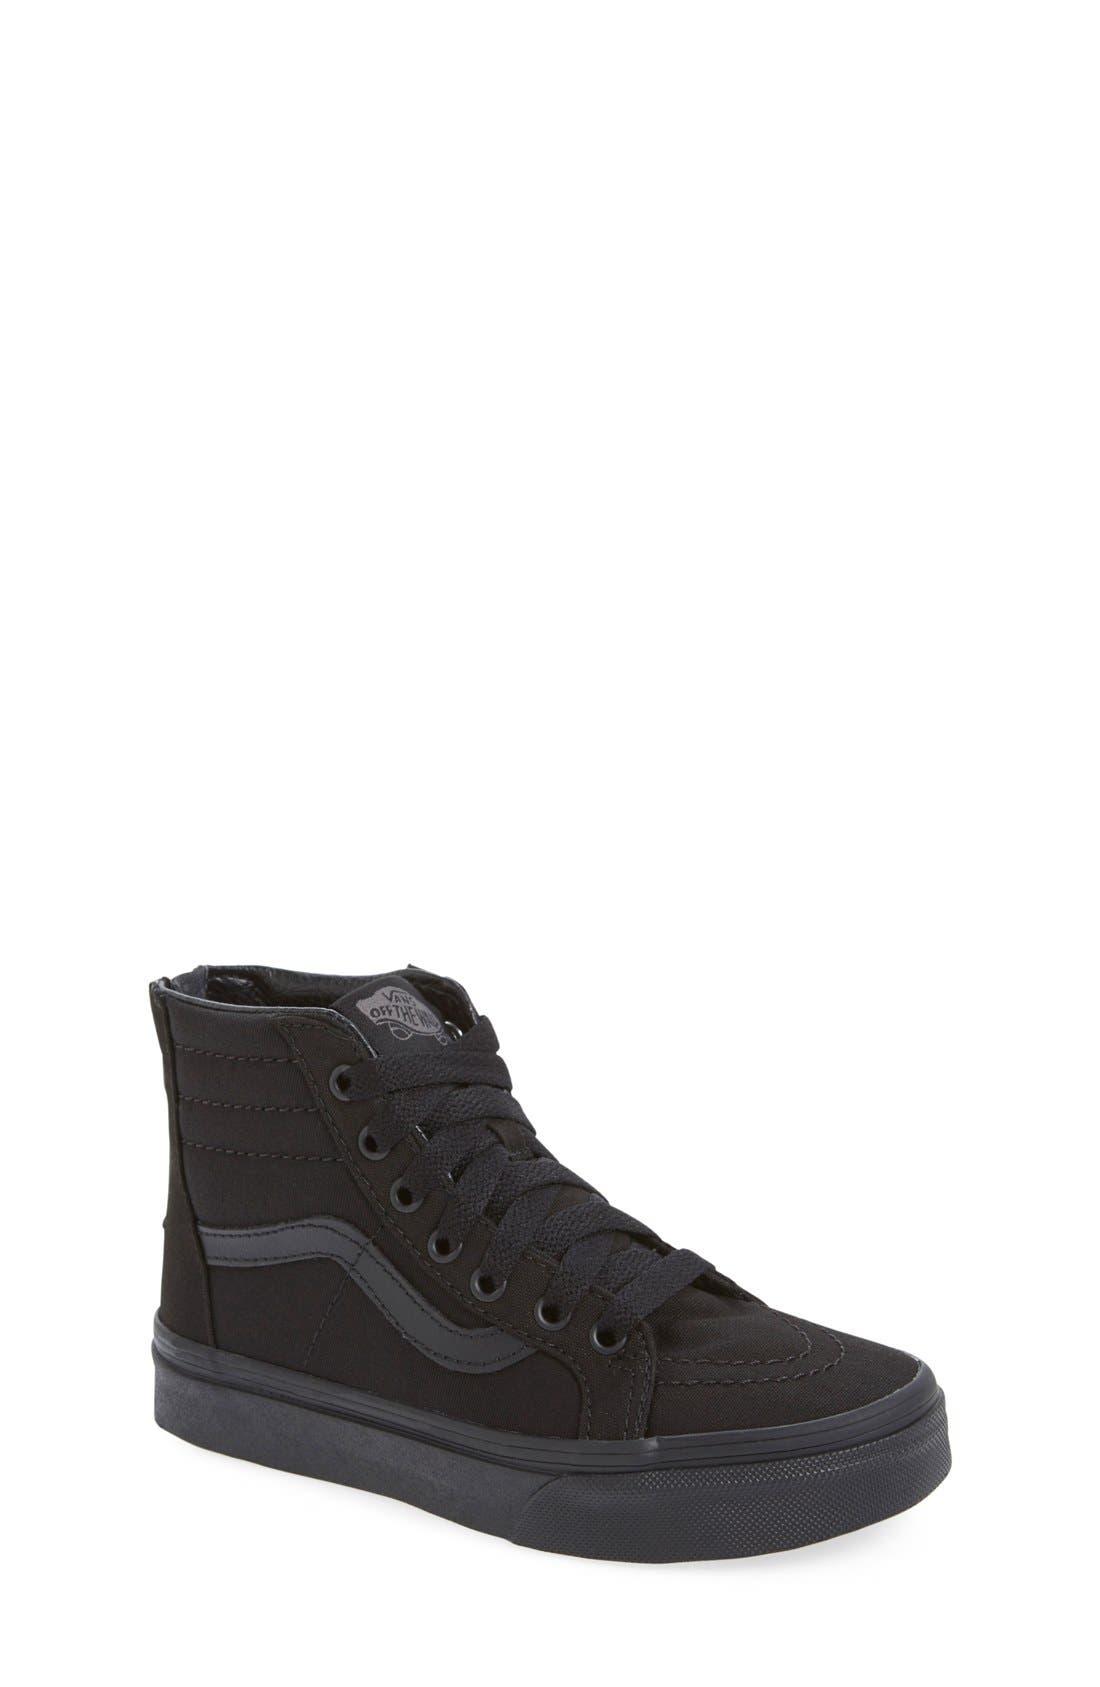 'Sk8-Hi' Zip Sneaker,                         Main,                         color, BLACK /BLACK CHECK